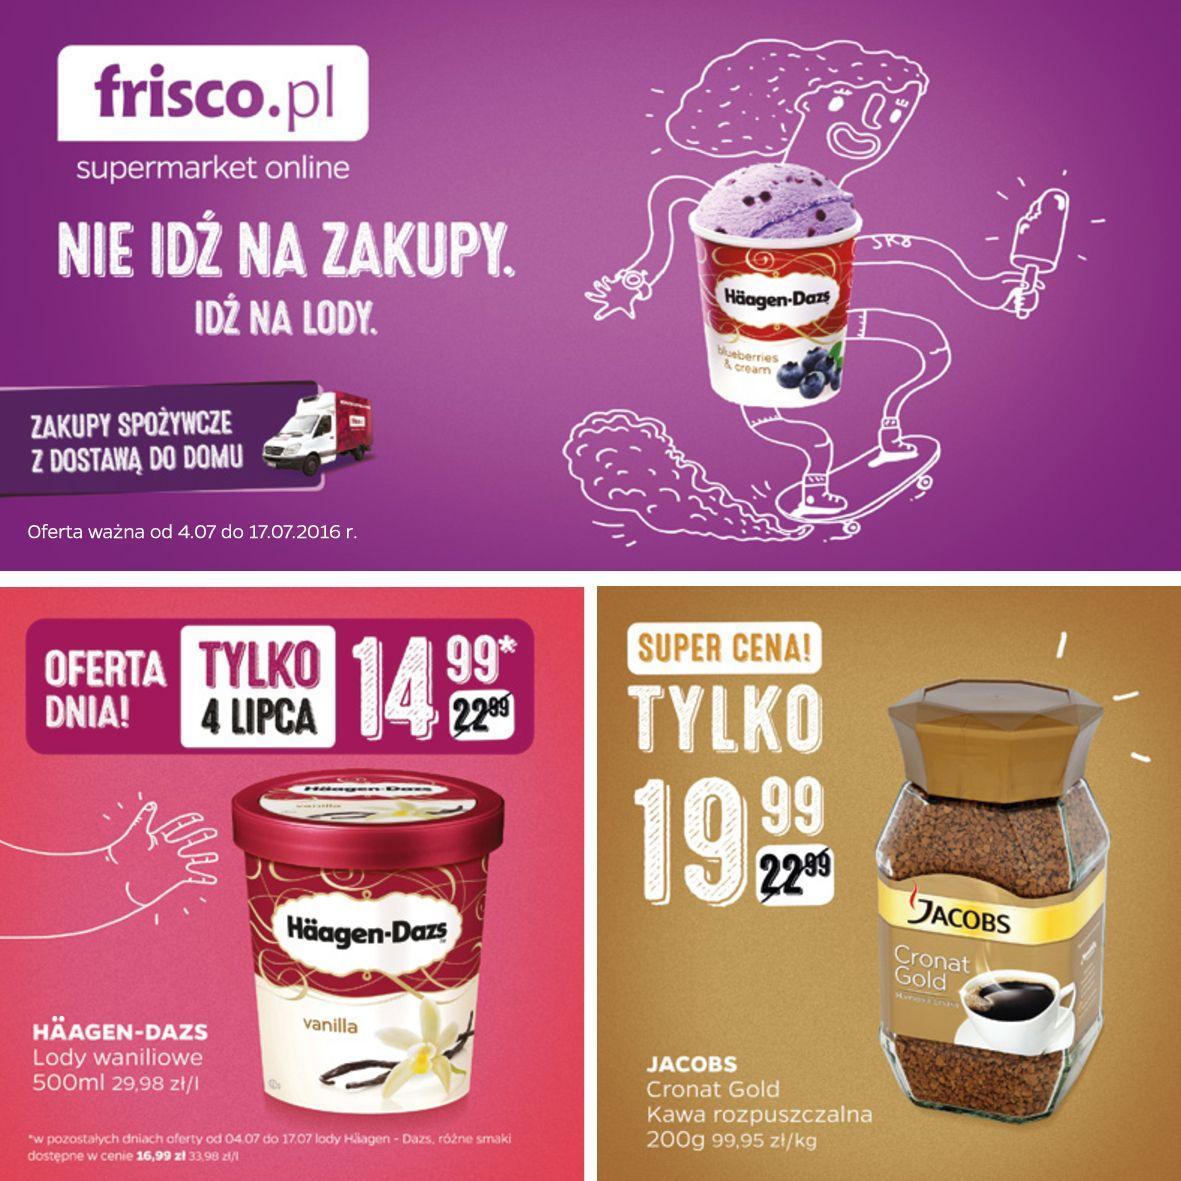 Gazetka promocyjna Frisco.pl do 17/07/2016 str.0